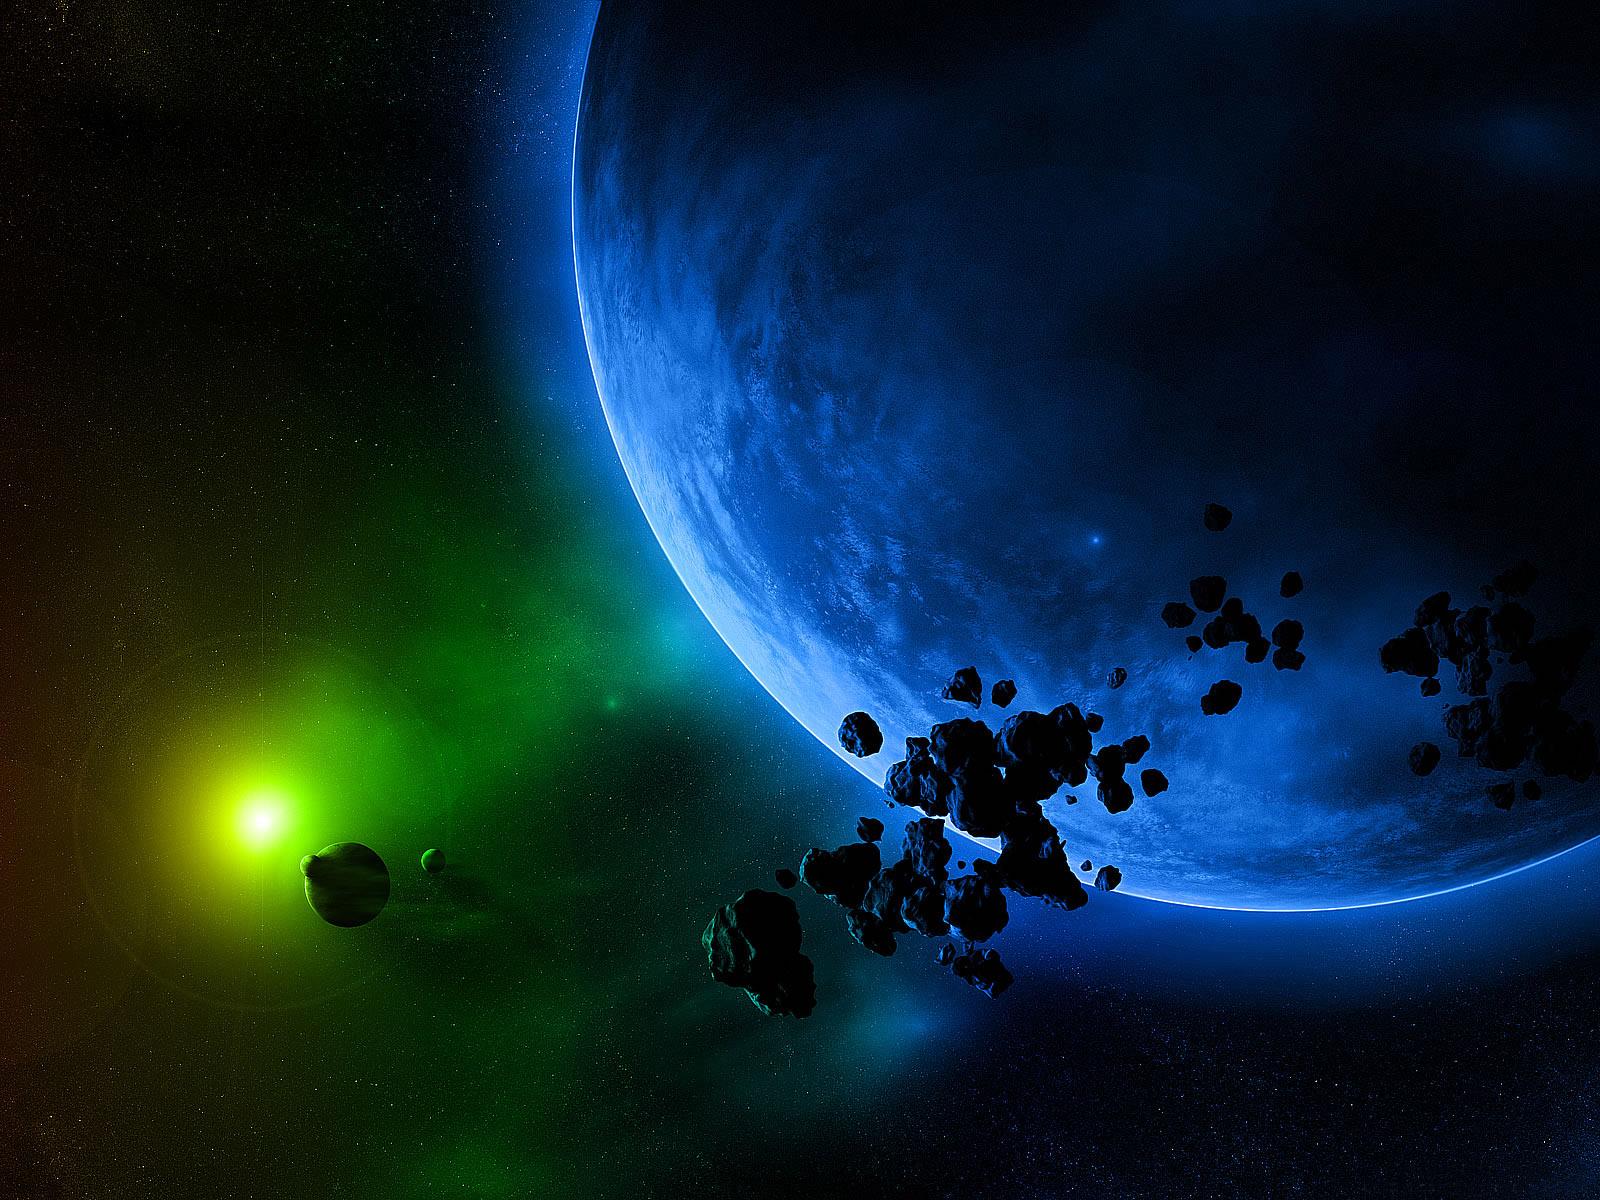 красивое фото, космос, зеленая звезда, огромная планета, обои на рабочий стол